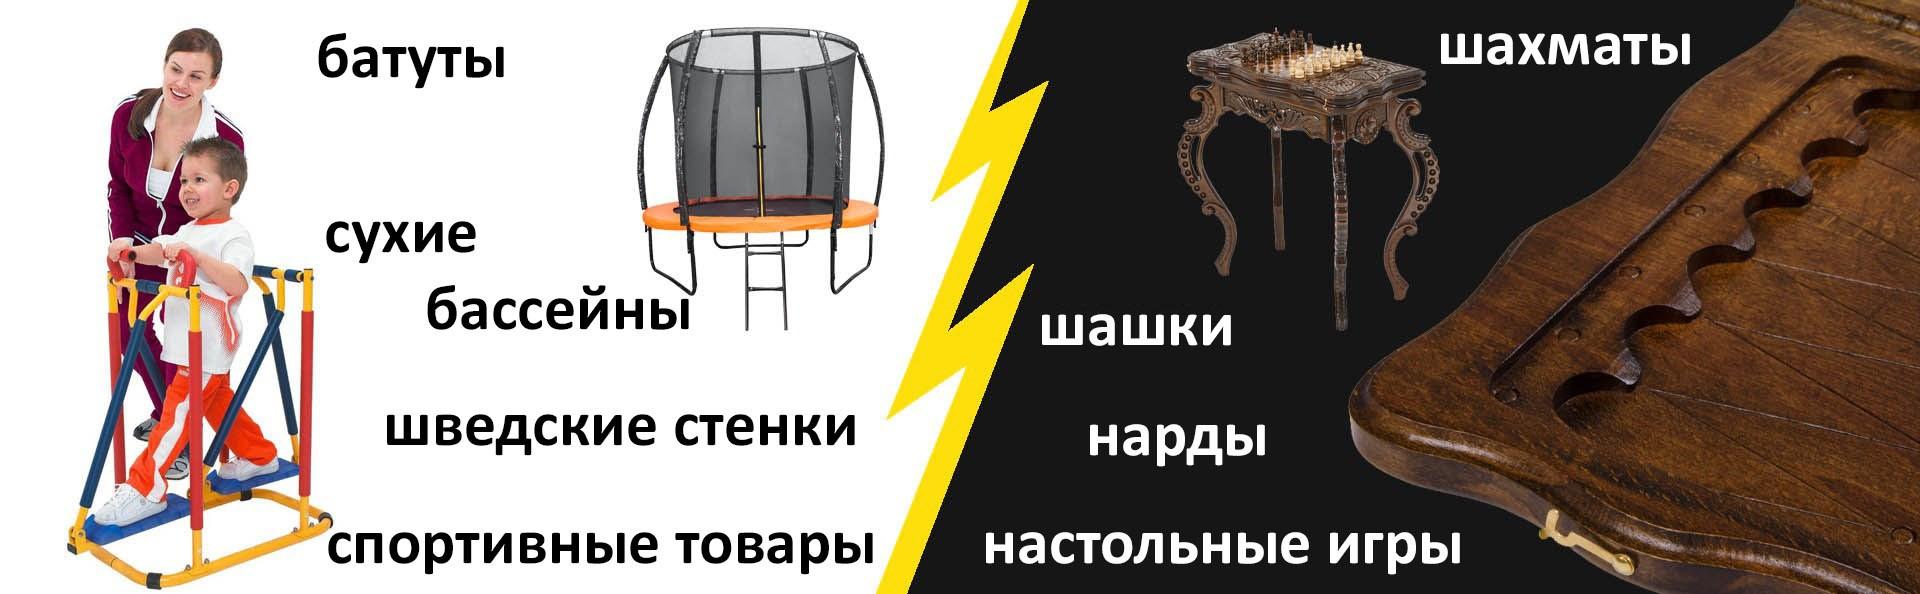 Всё для физического и умственного развития в интернет-магазине Топотунчик.ру